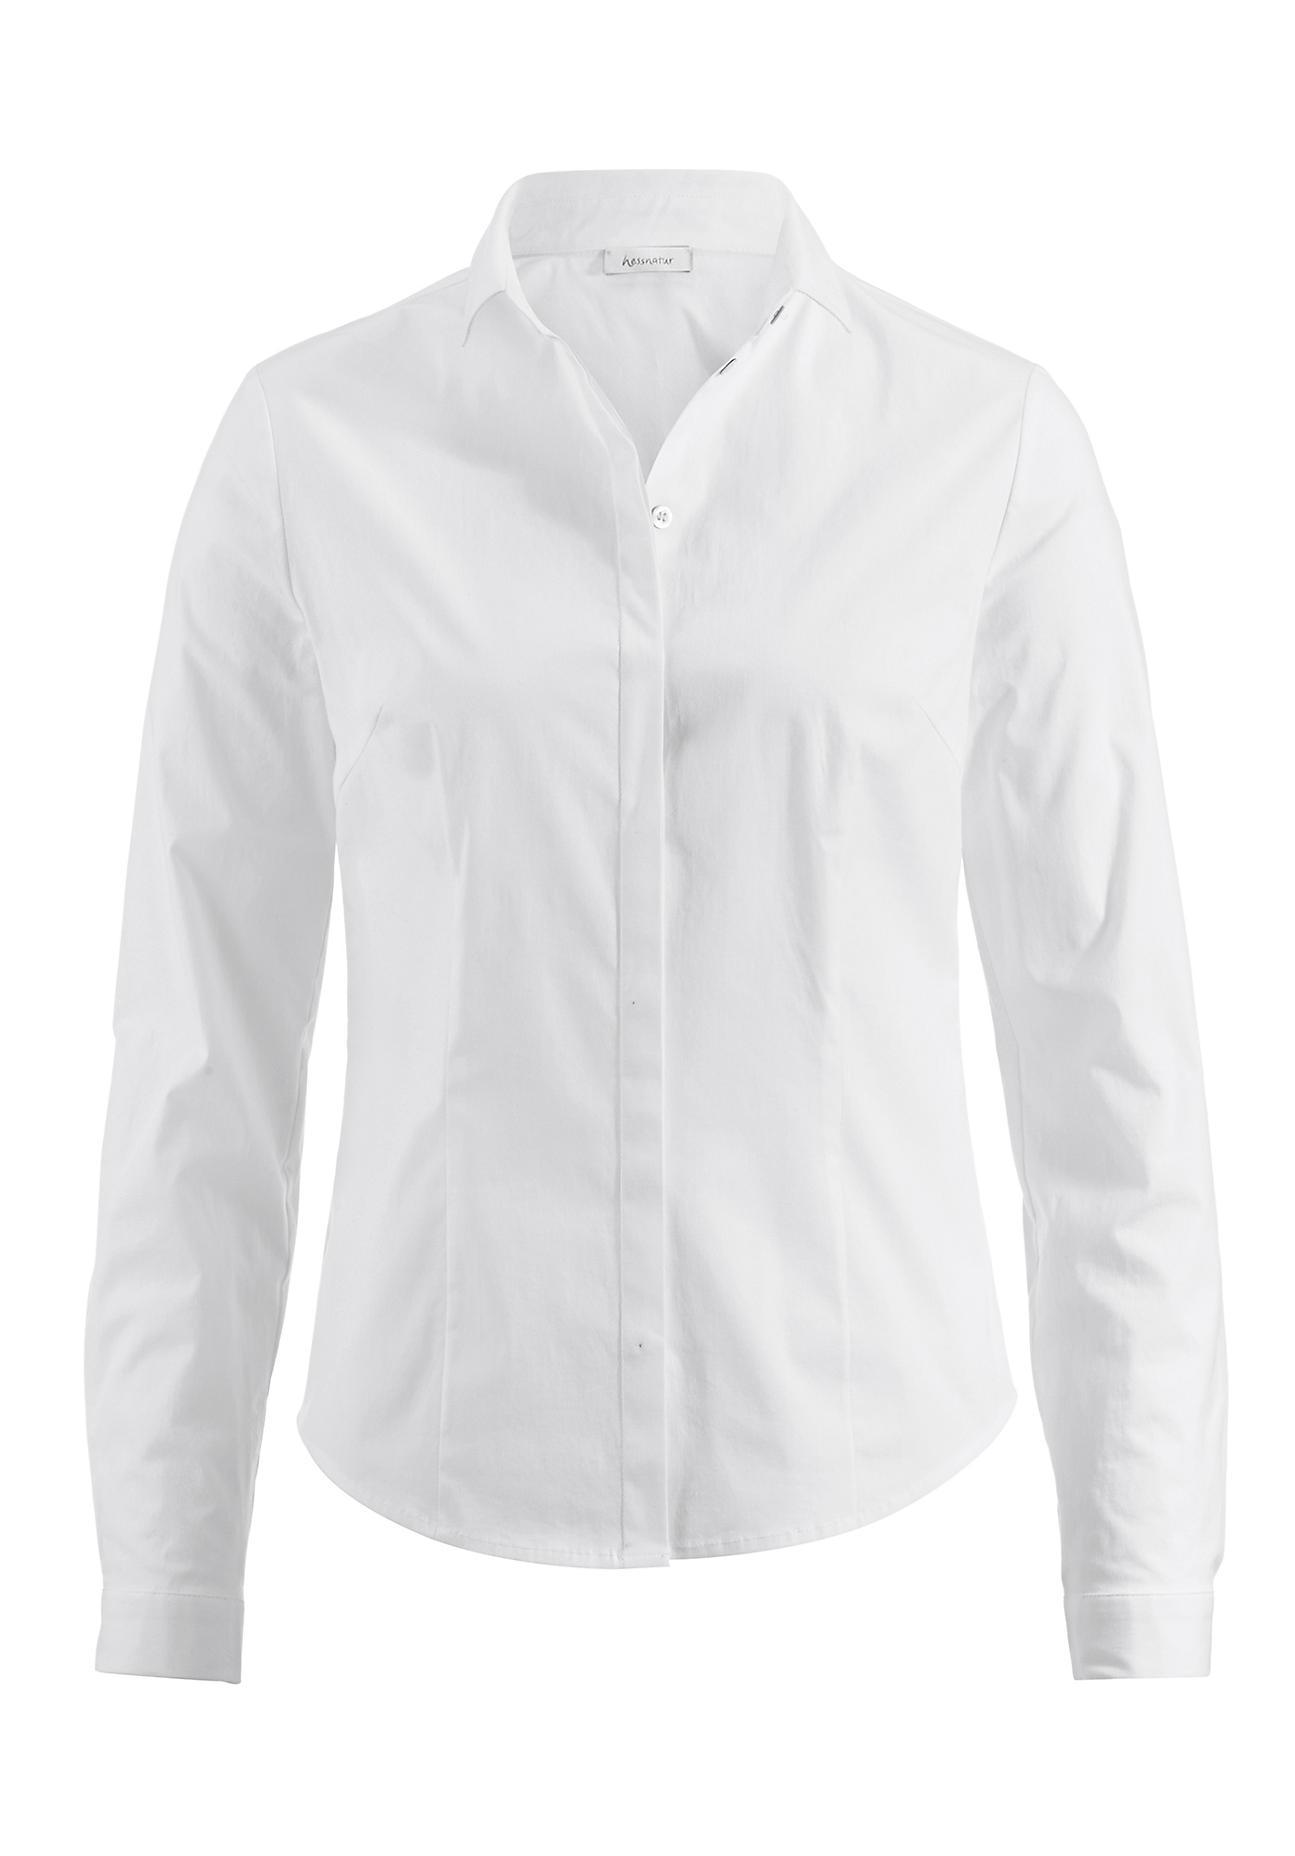 hessnatur Damen Bluse Slim Fit aus Bio-Baumwolle – weiß – Größe 36